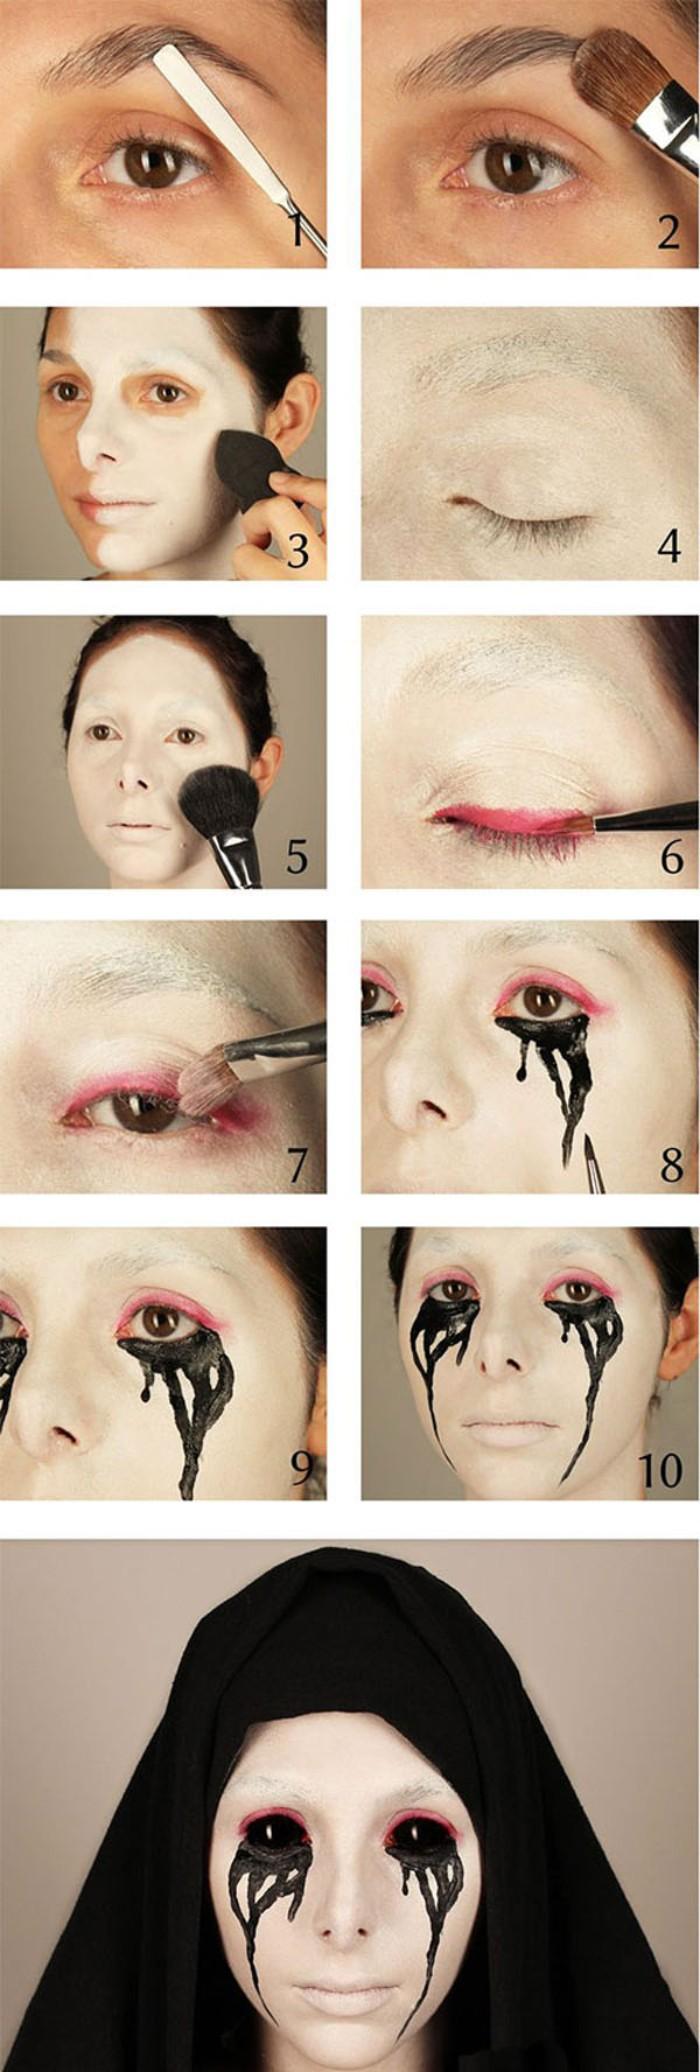 halloween schminken kinder, anleitung zu einem gruseligen look von zombie oder anderes wesen, schrittweise anleitung